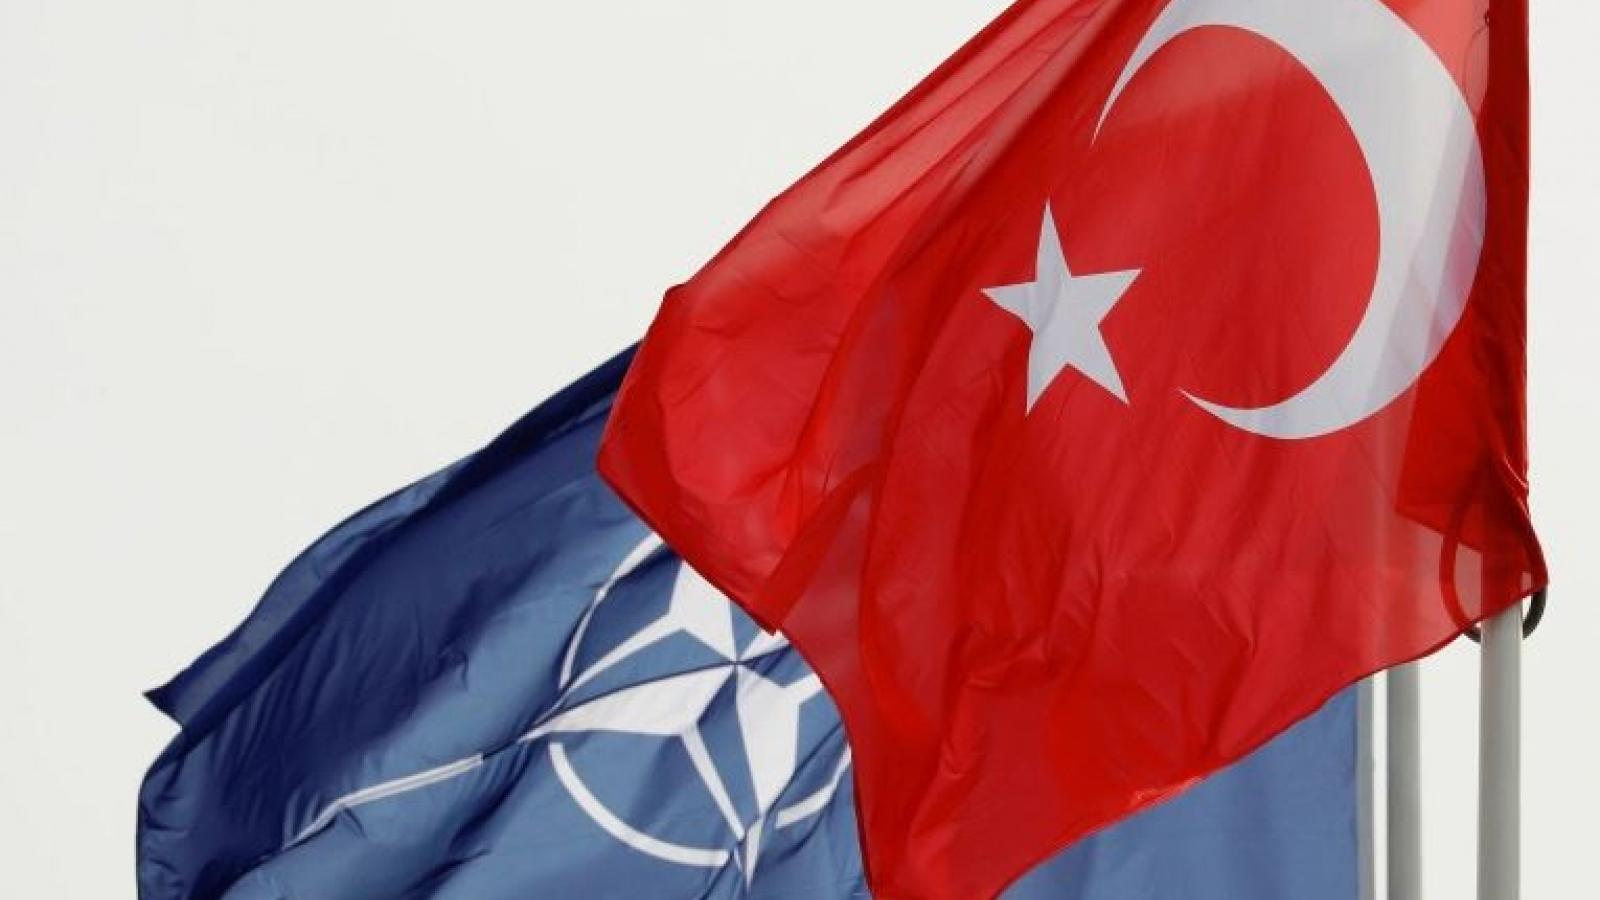 """Bị chính đồng minh trừng phạt, Thổ Nhĩ Kỳ """"nghĩ lại"""" về việc đứng """"cùng thuyền"""" với NATO?"""